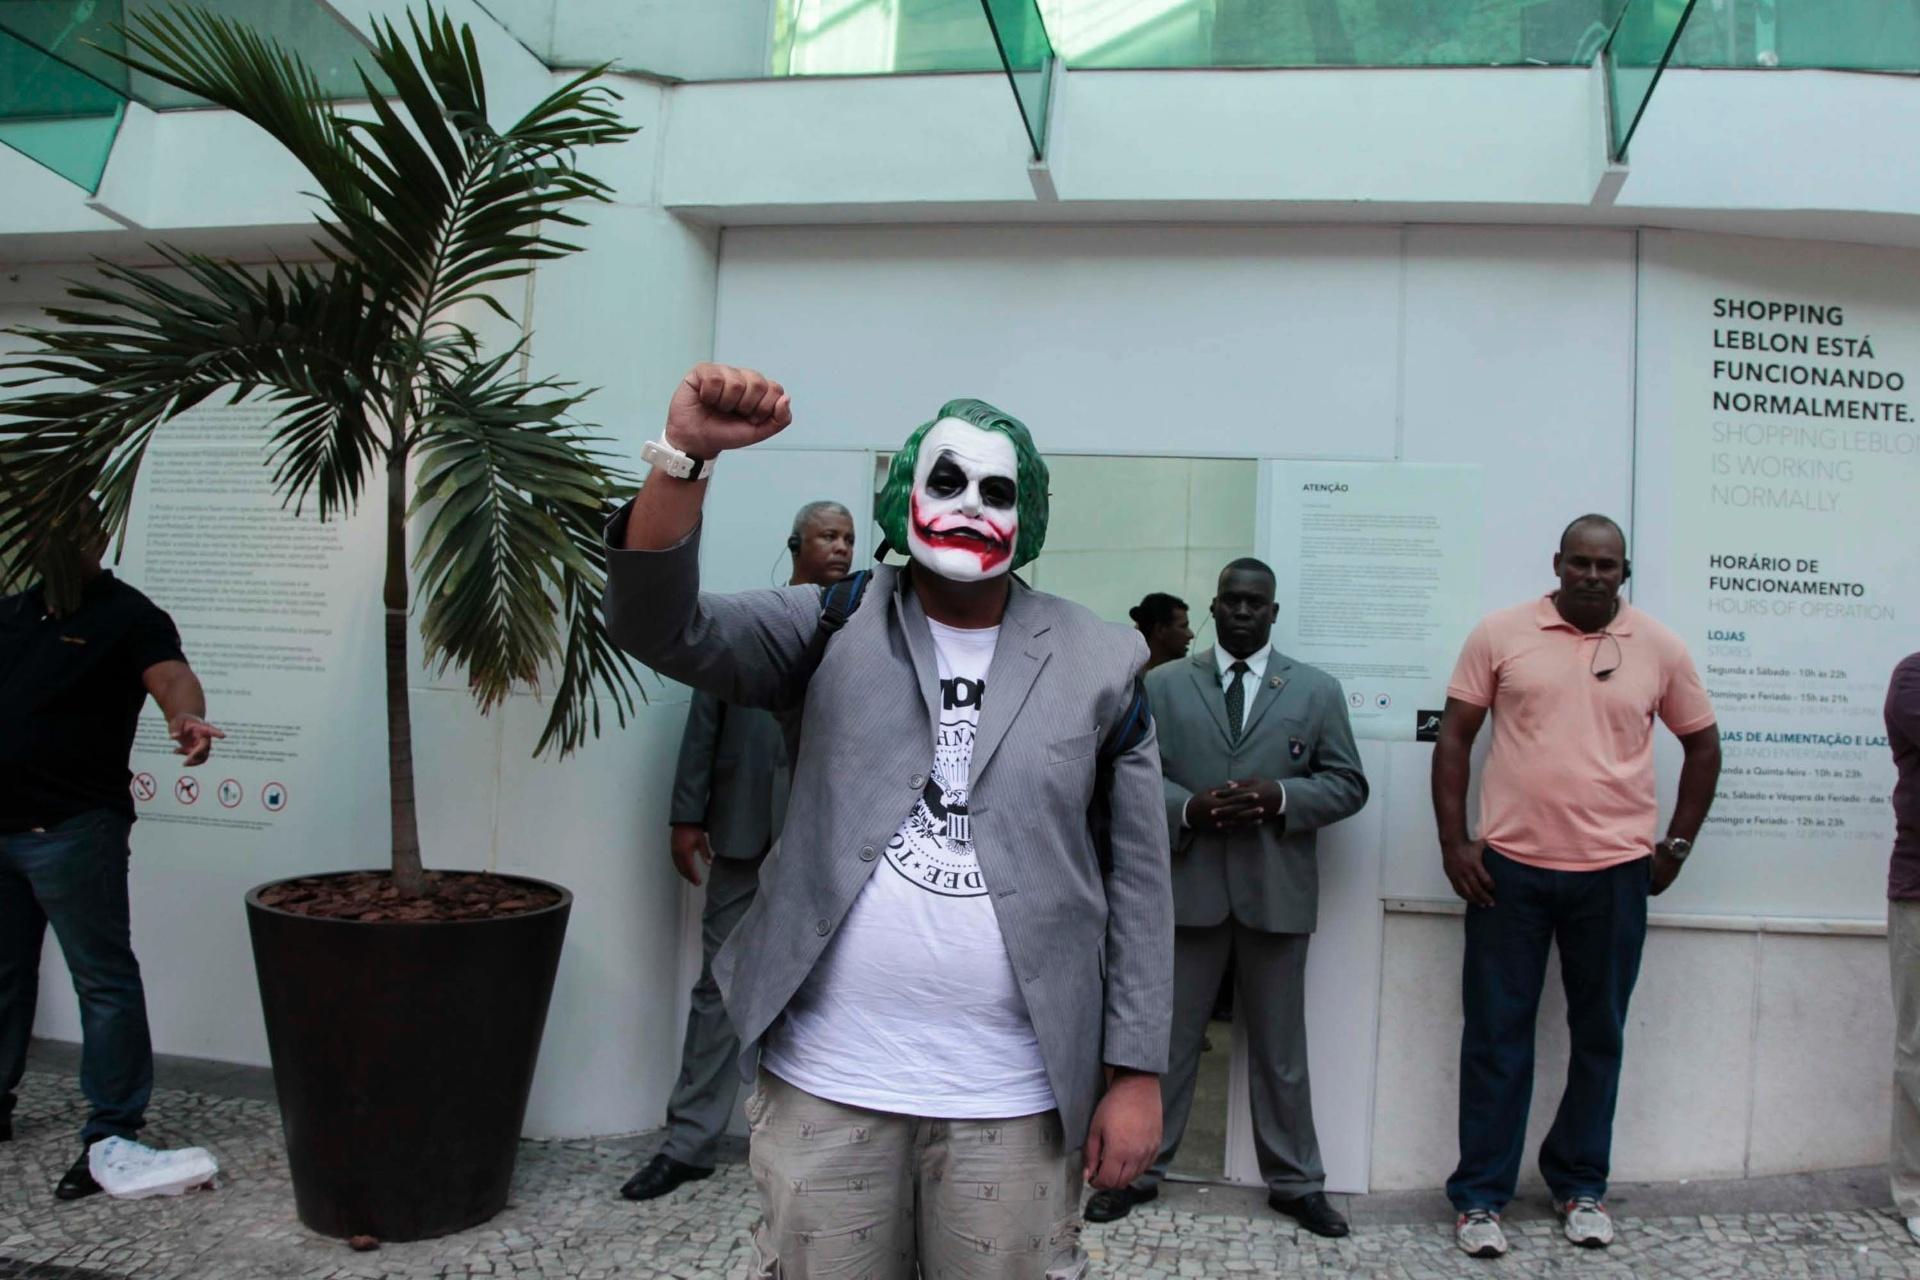 26.jan.2014 - Manifestante com uma máscara do personagem Coringa-- muito conhecido nas histórias do Batman--, foi impedido por seguranças de entrar no shopping Leblon, no Rio de Janeiro, durante